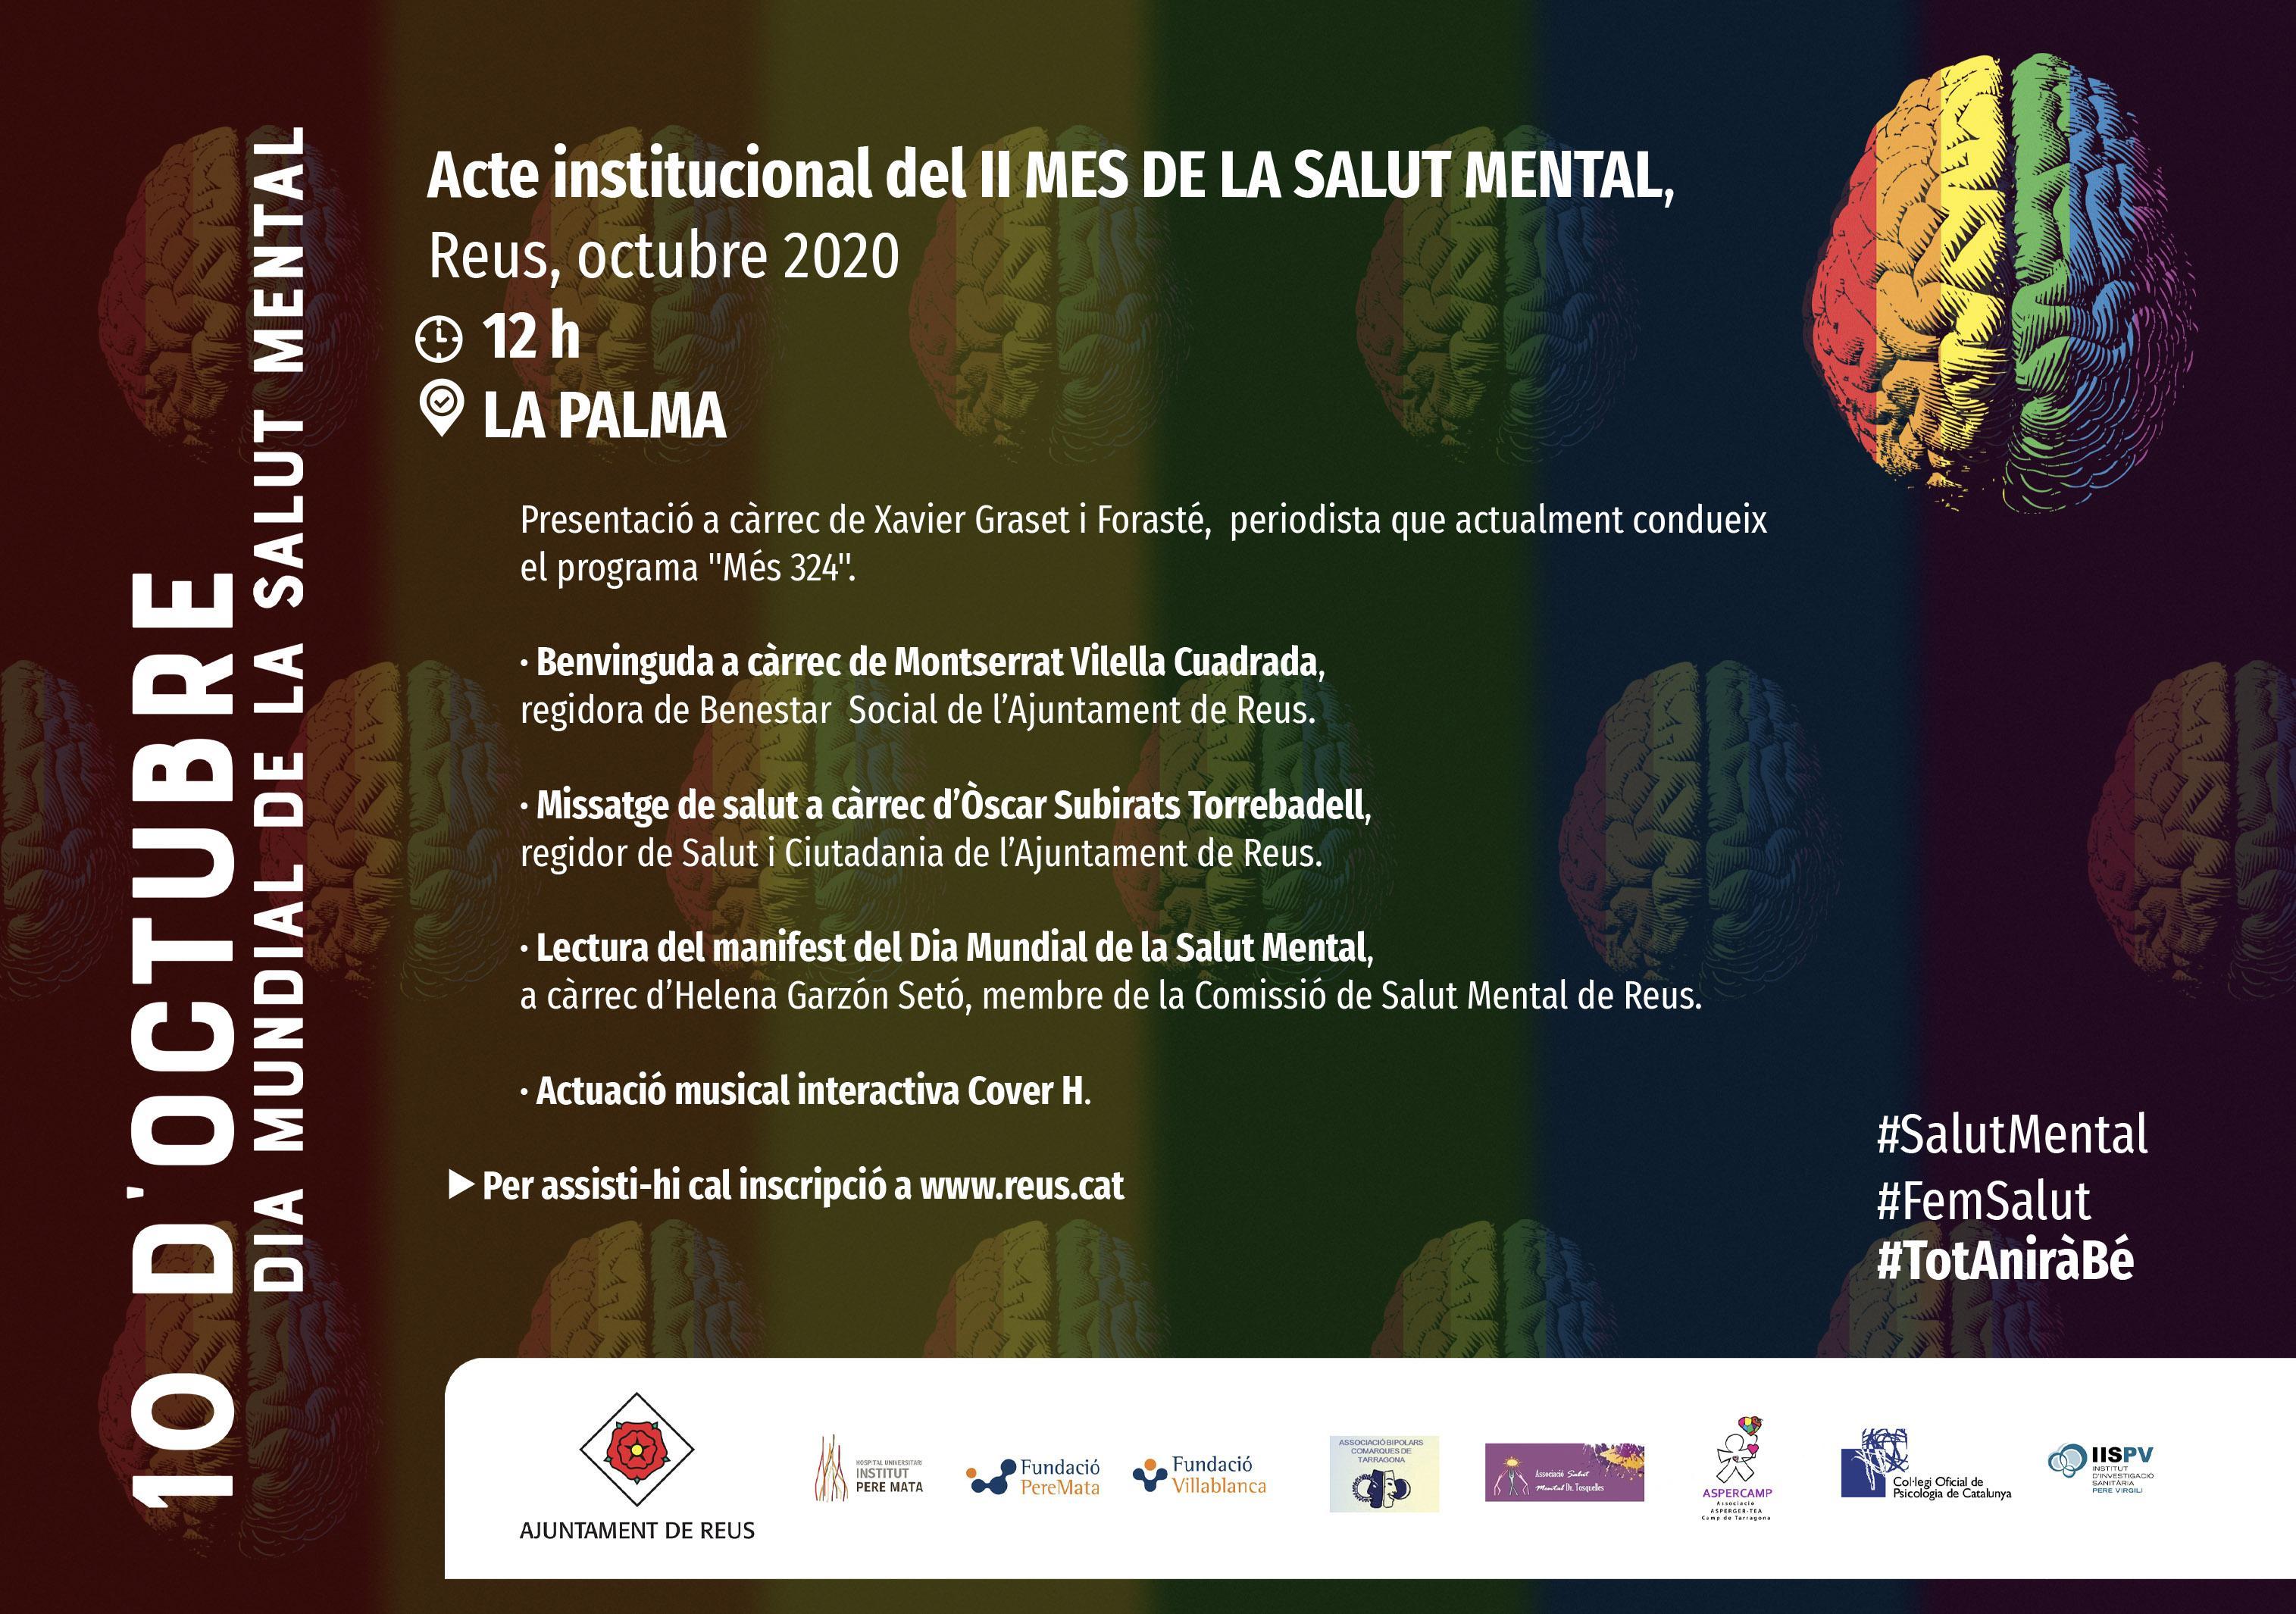 Acte Institucional II MES DE LA SALUT MENTAL, conduït per Xavier Graset